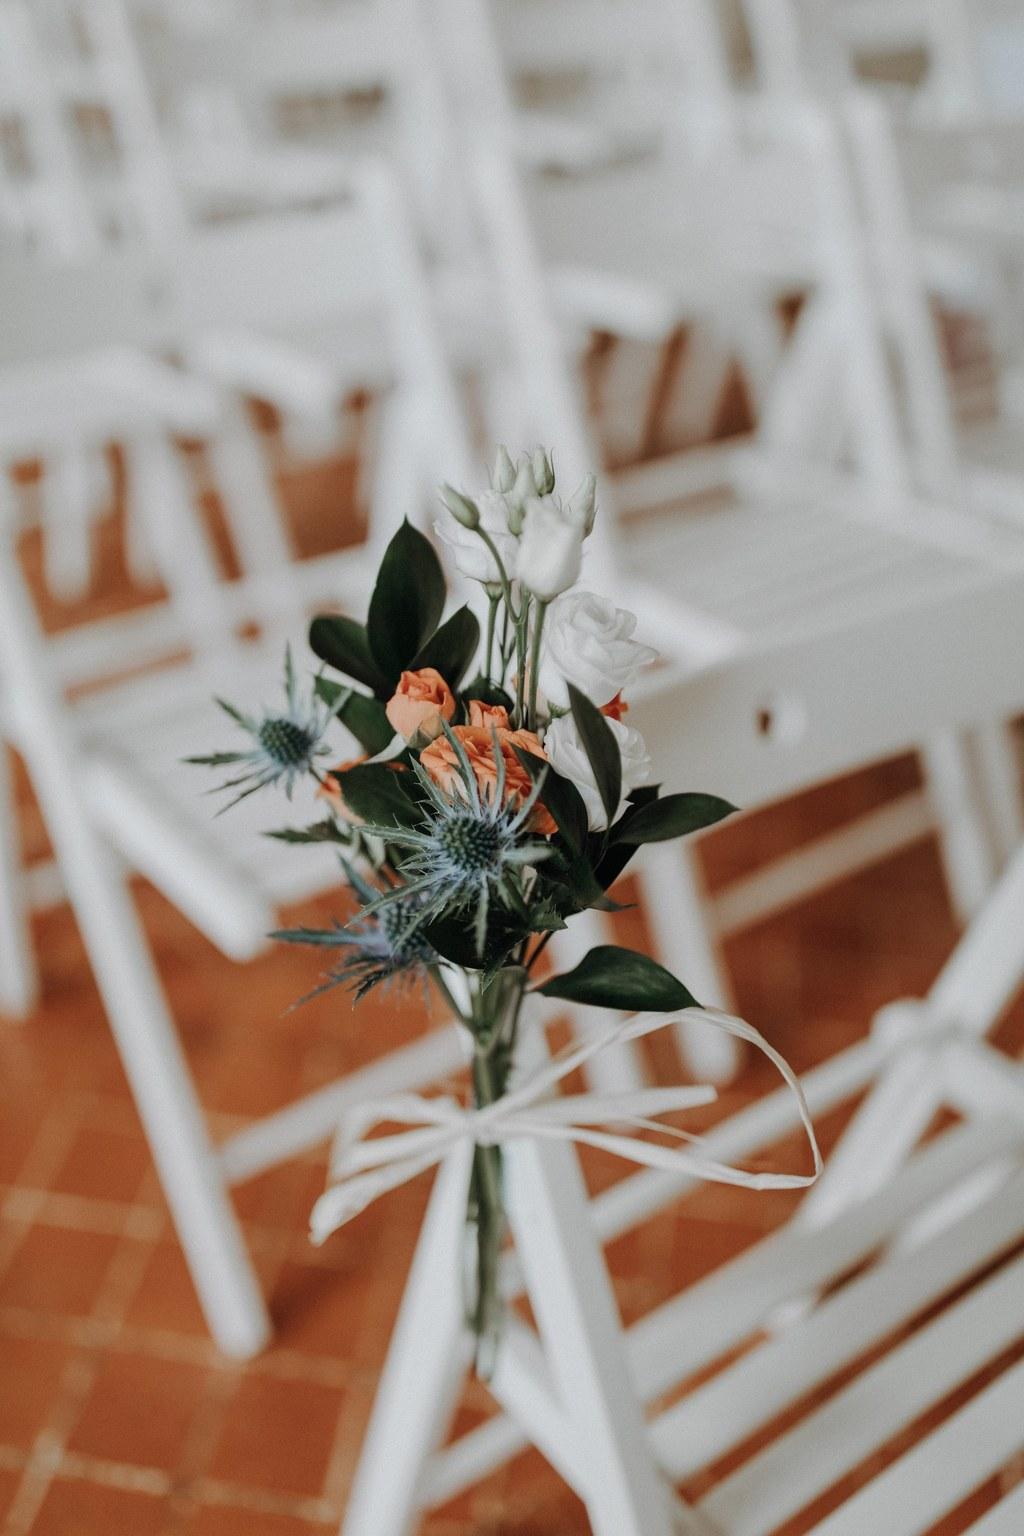 bouquet de mariée château de Vallery mariage au château de Vallery design floral aurélie lafond doligniere fleurs d'un jour mariage décoratrice mariage grande galerie château de Vallery fleuriste mariage Crédit photo: nickoandkim.fr